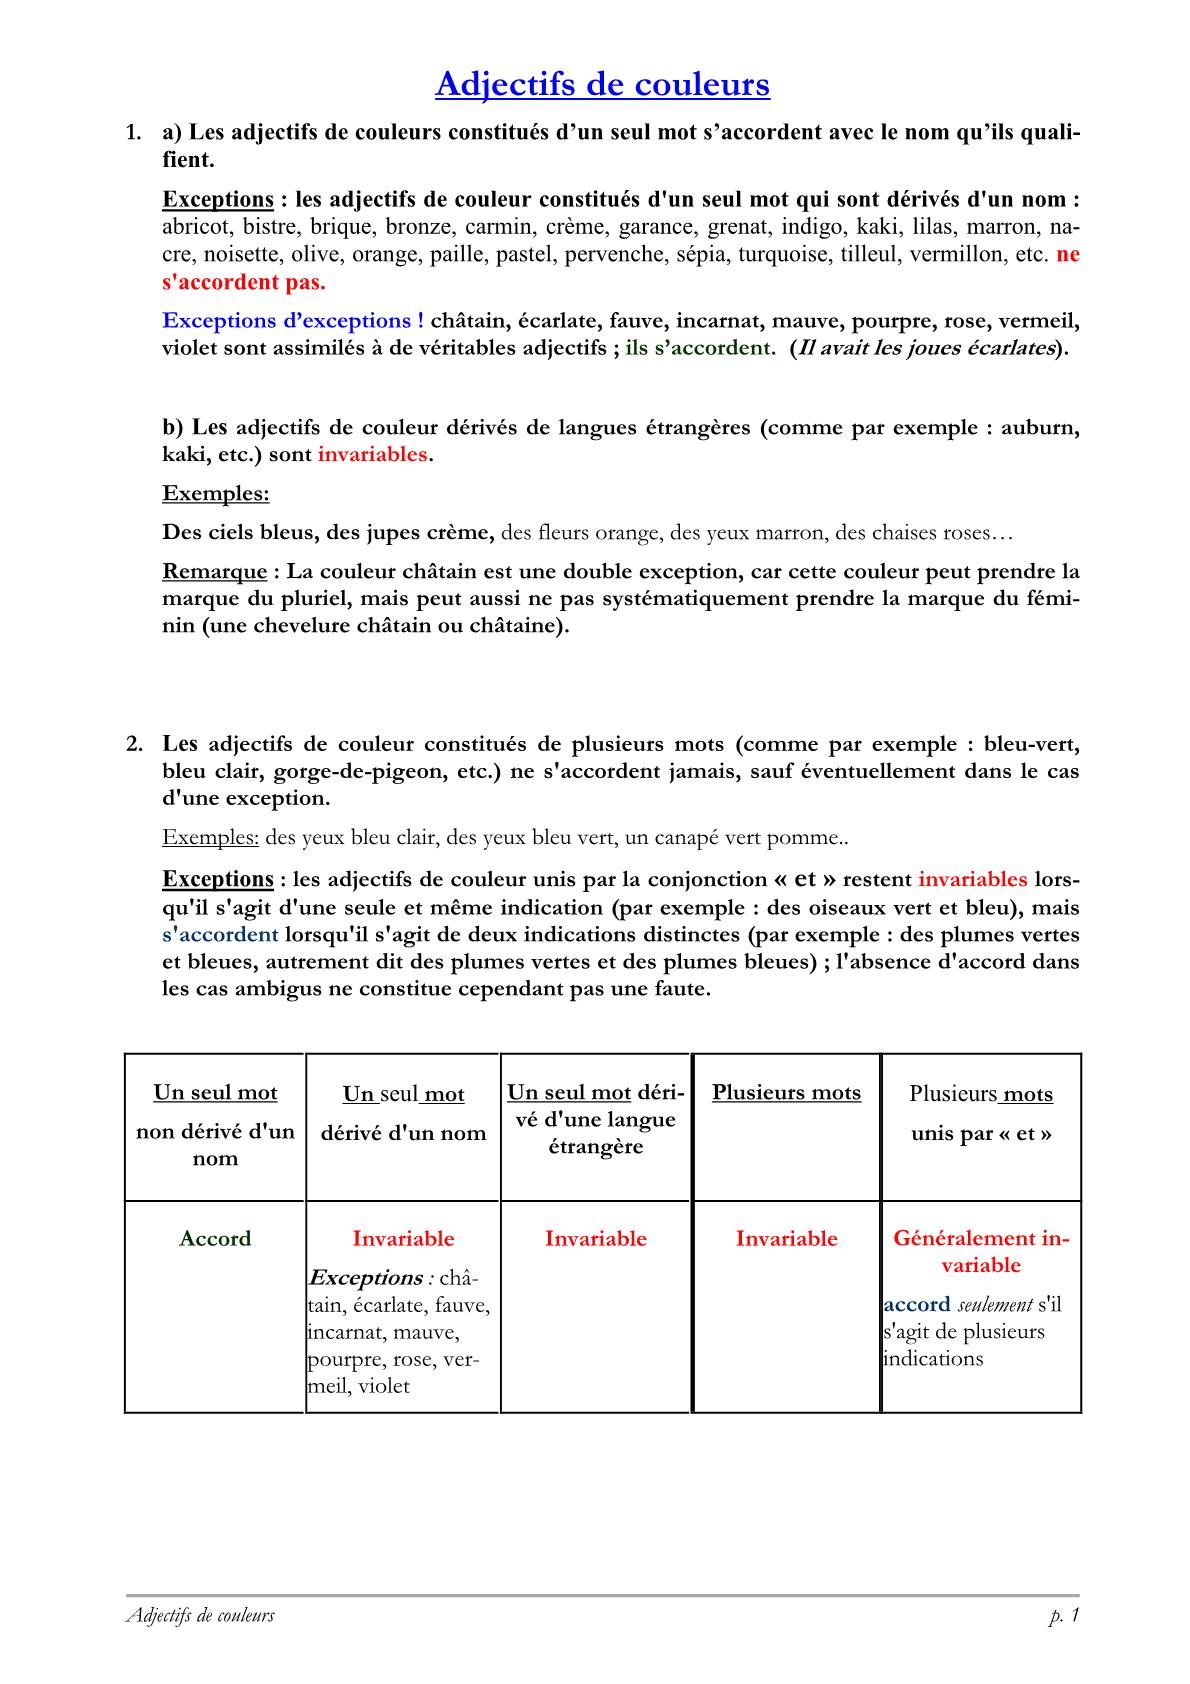 ملخص درس Les adjectifs de couleur الثانية اعدادي